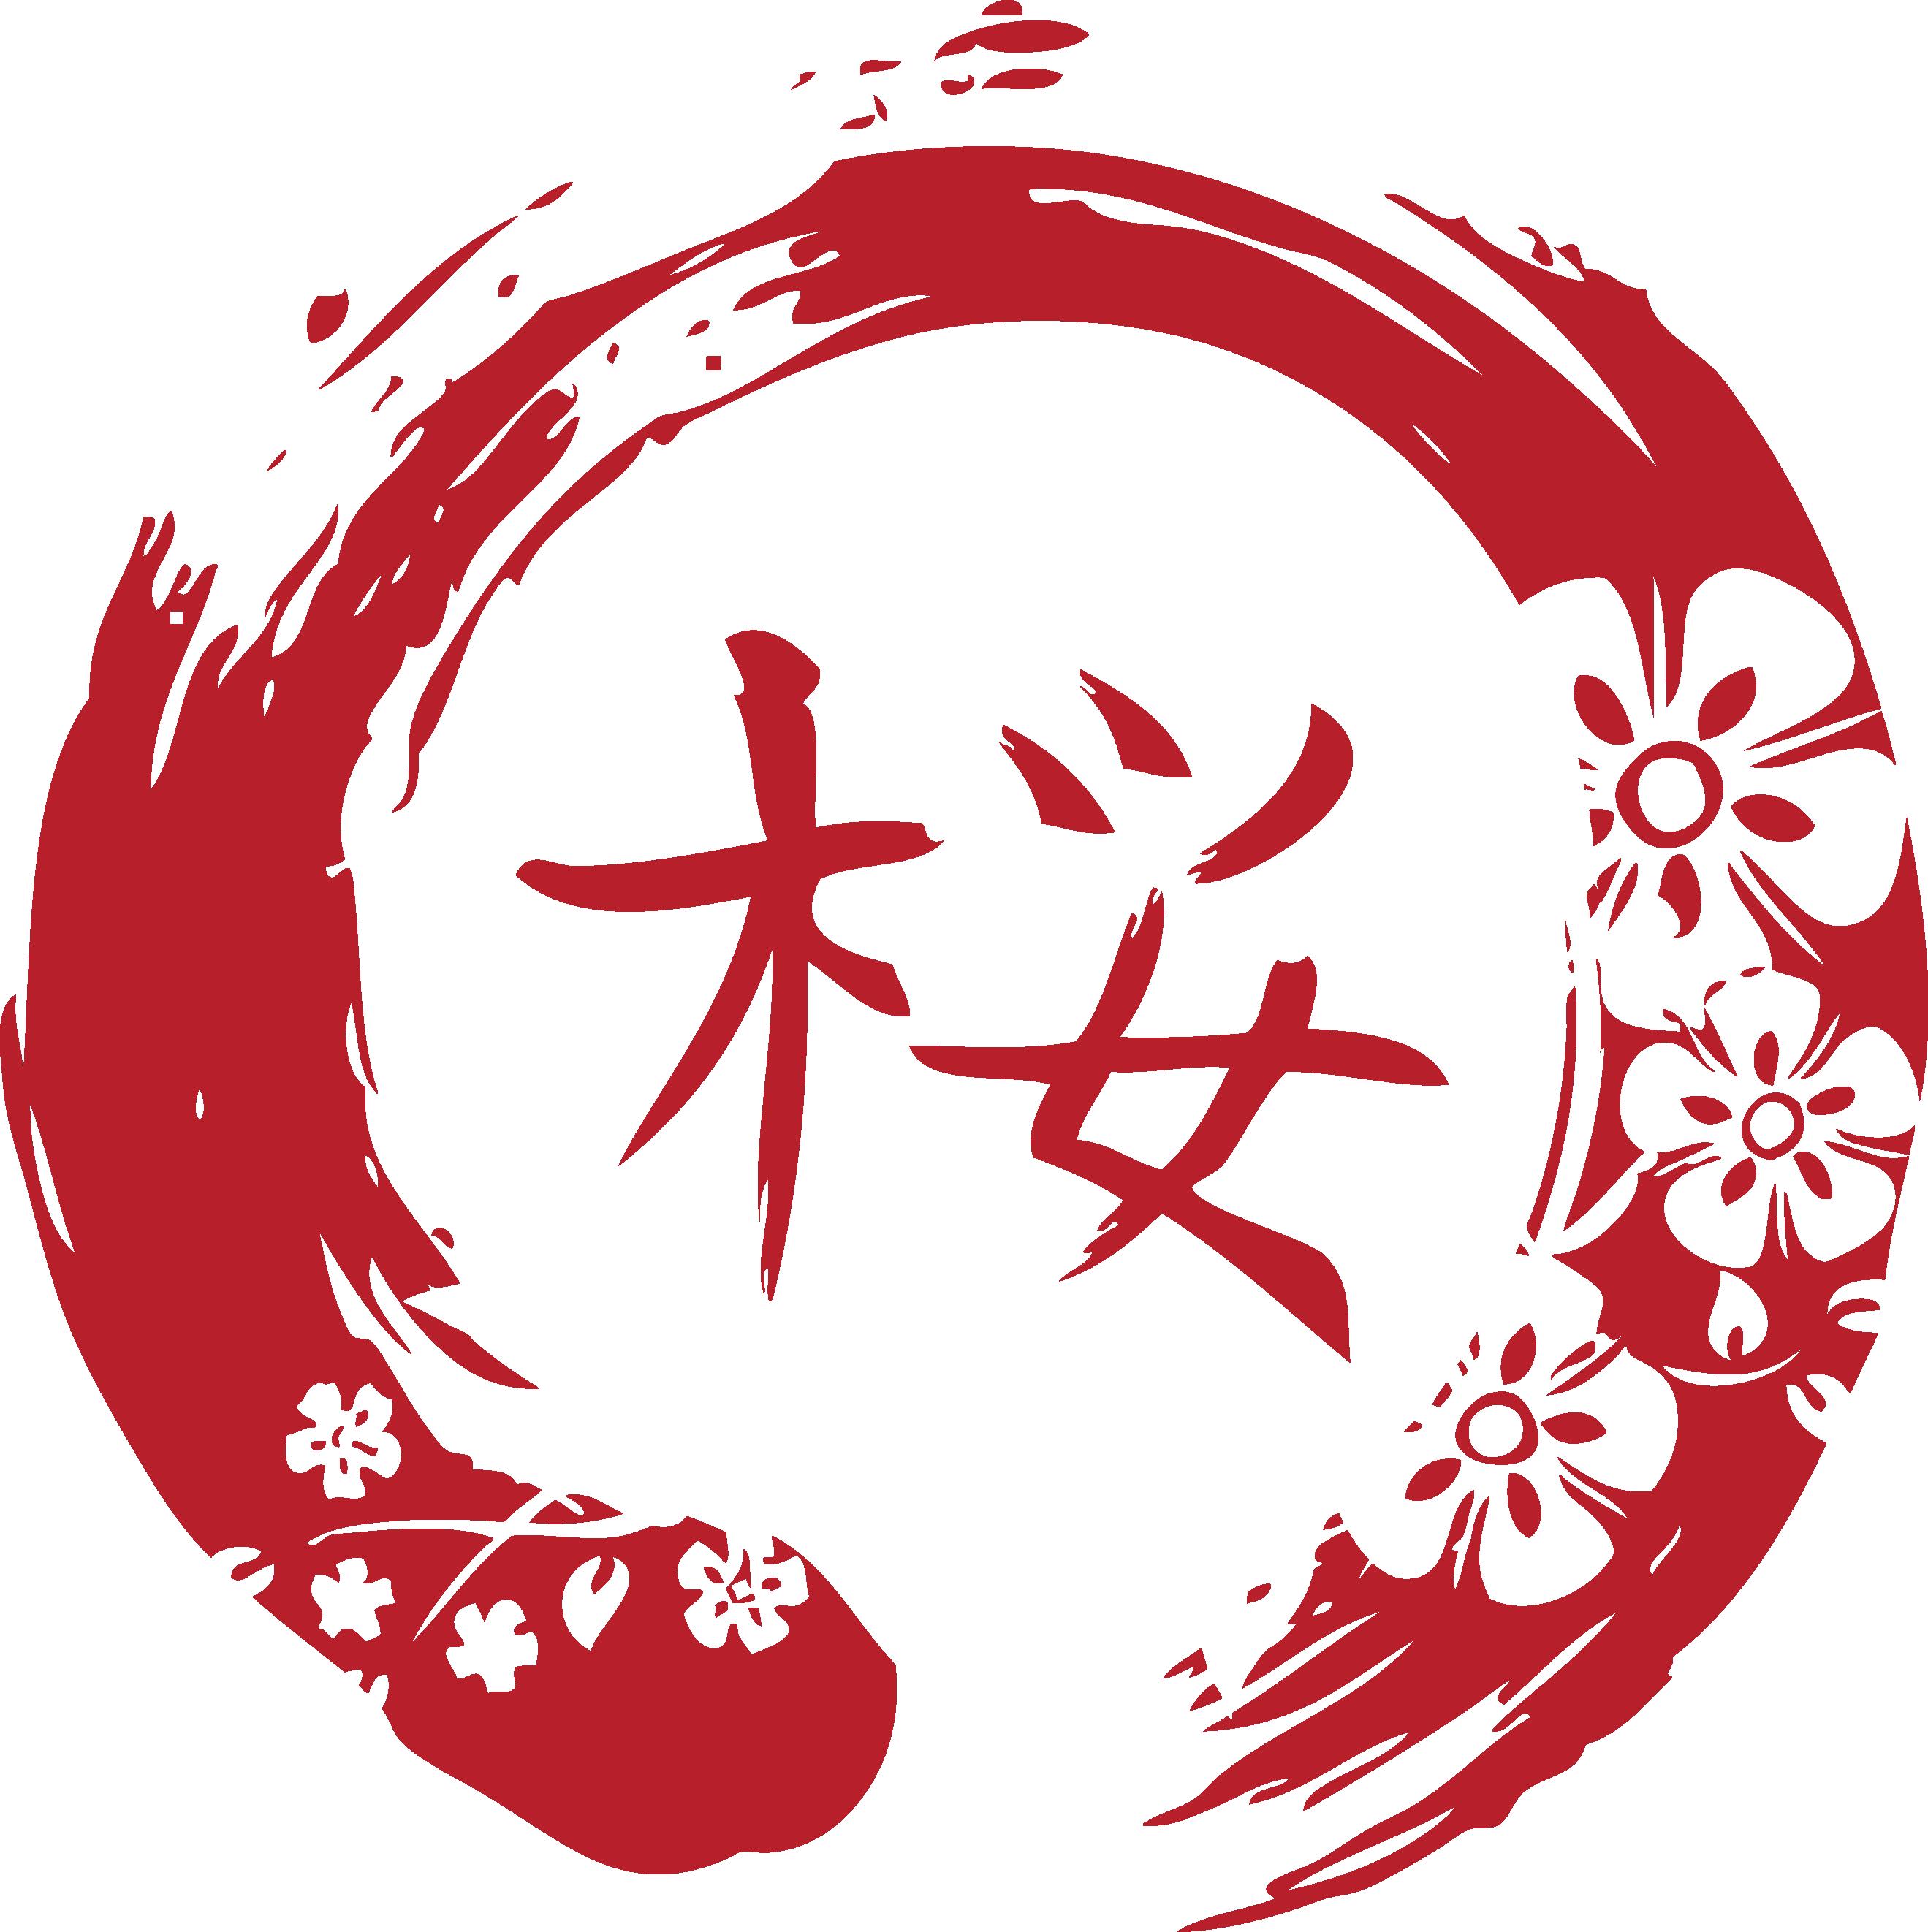 лазарев картинки знак япония дрездене это шедевр